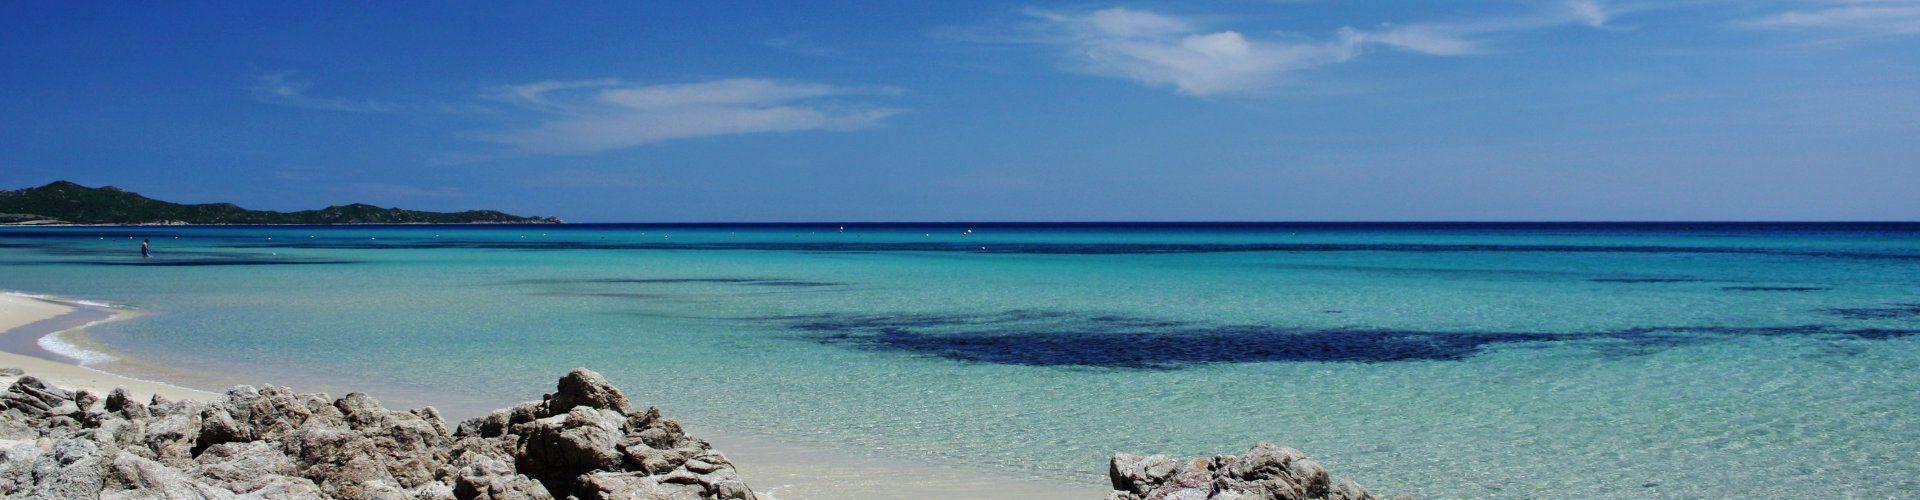 Strand Costa Rei | Sardinien